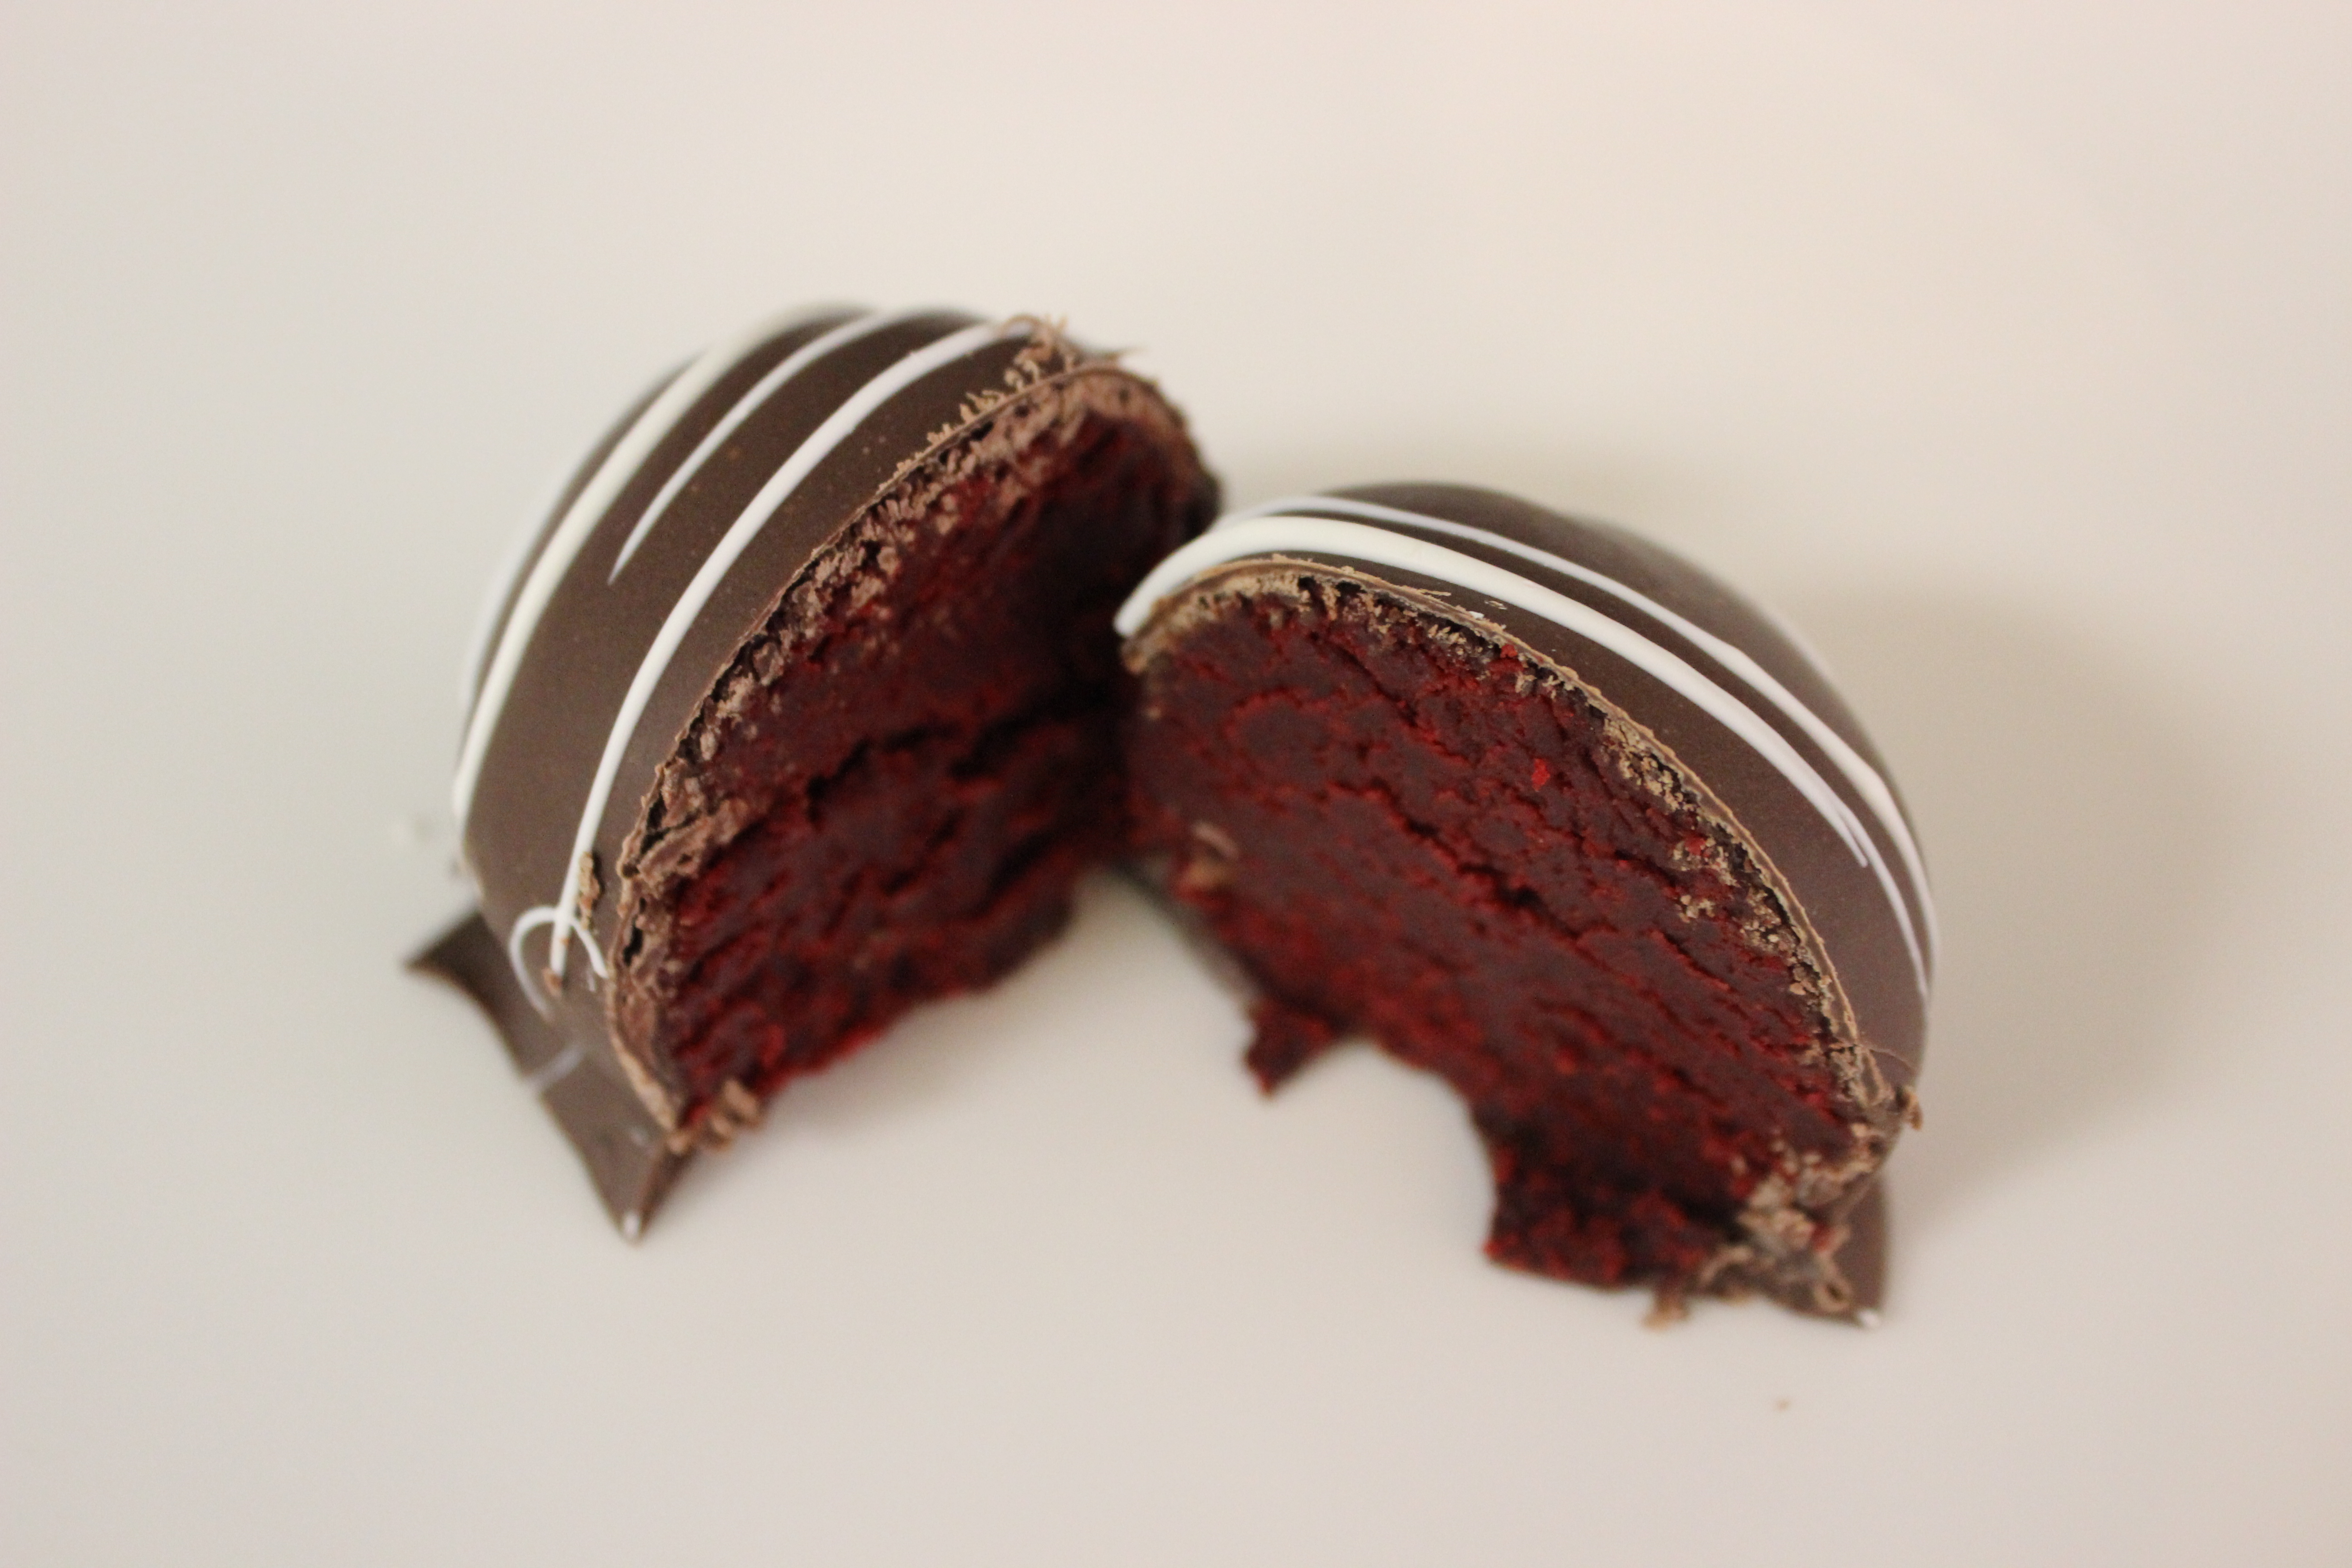 Red Velvet Cakeball